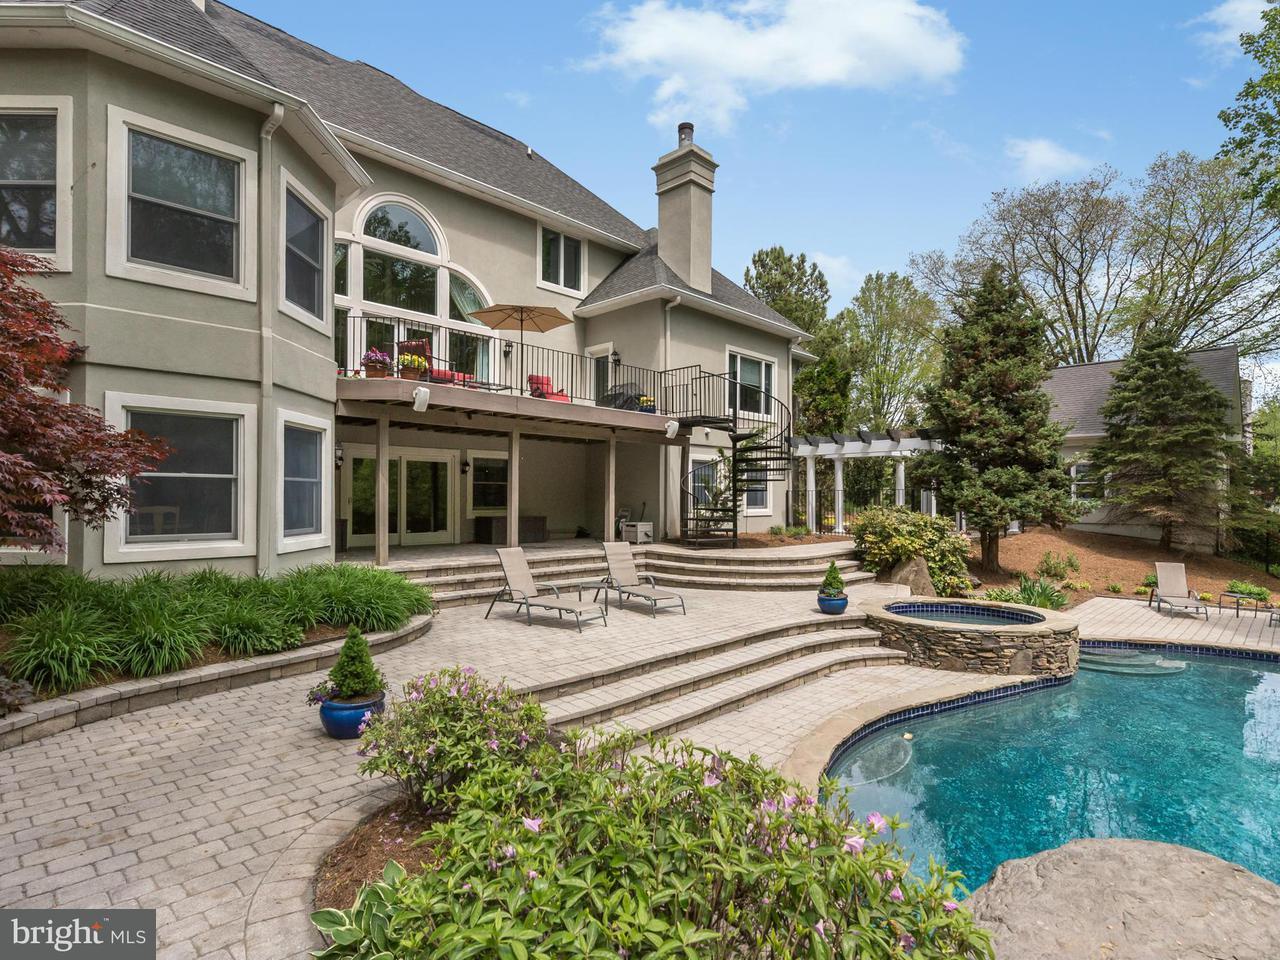 Частный односемейный дом для того Продажа на 1228 ALGONQUIN Road 1228 ALGONQUIN Road Crownsville, Мэриленд 21032 Соединенные Штаты